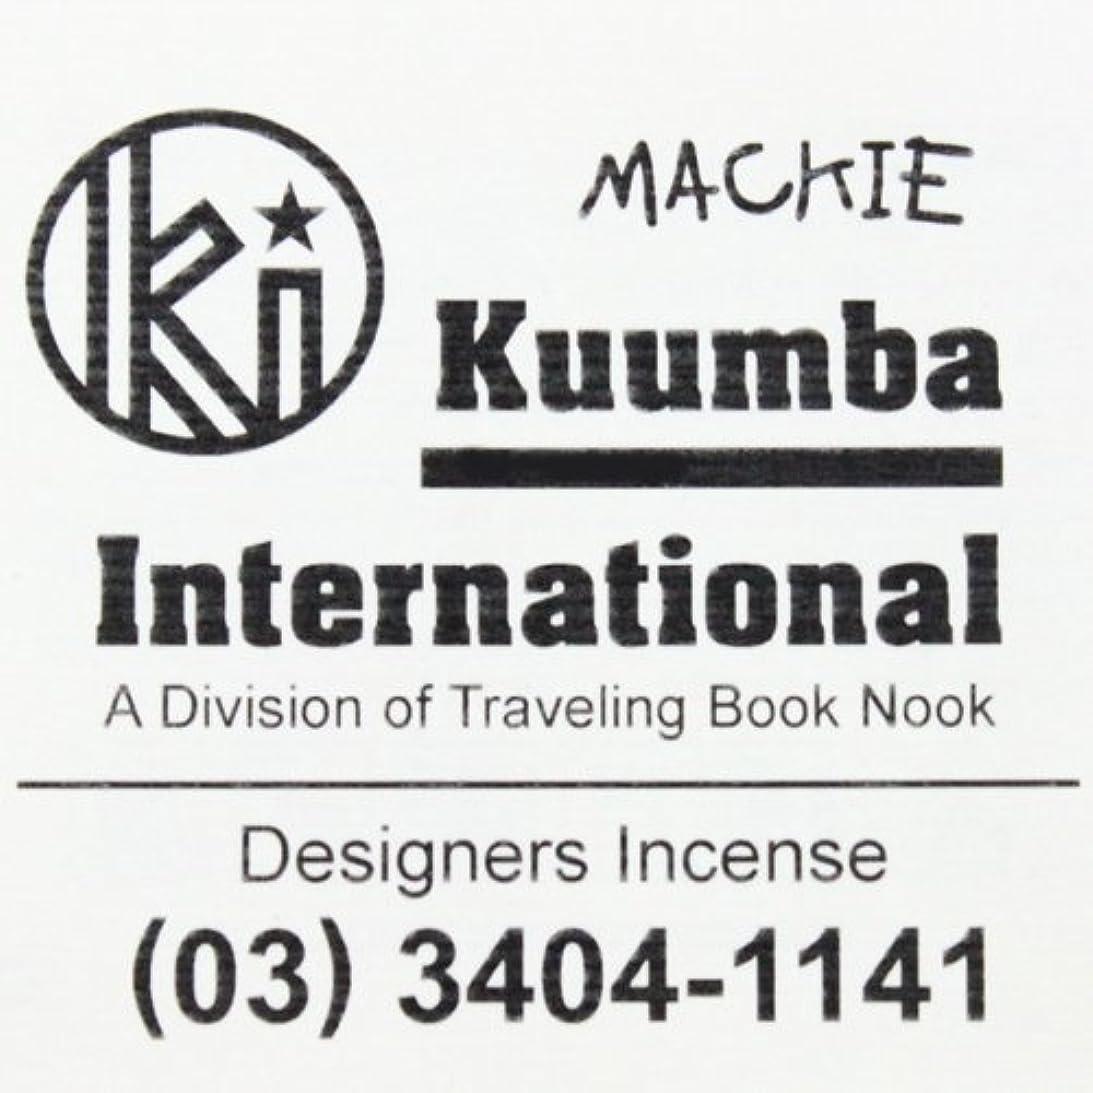 芸術暴行スピーチKuumba(クンバ)『incense』(MACKIE) (Regular size)